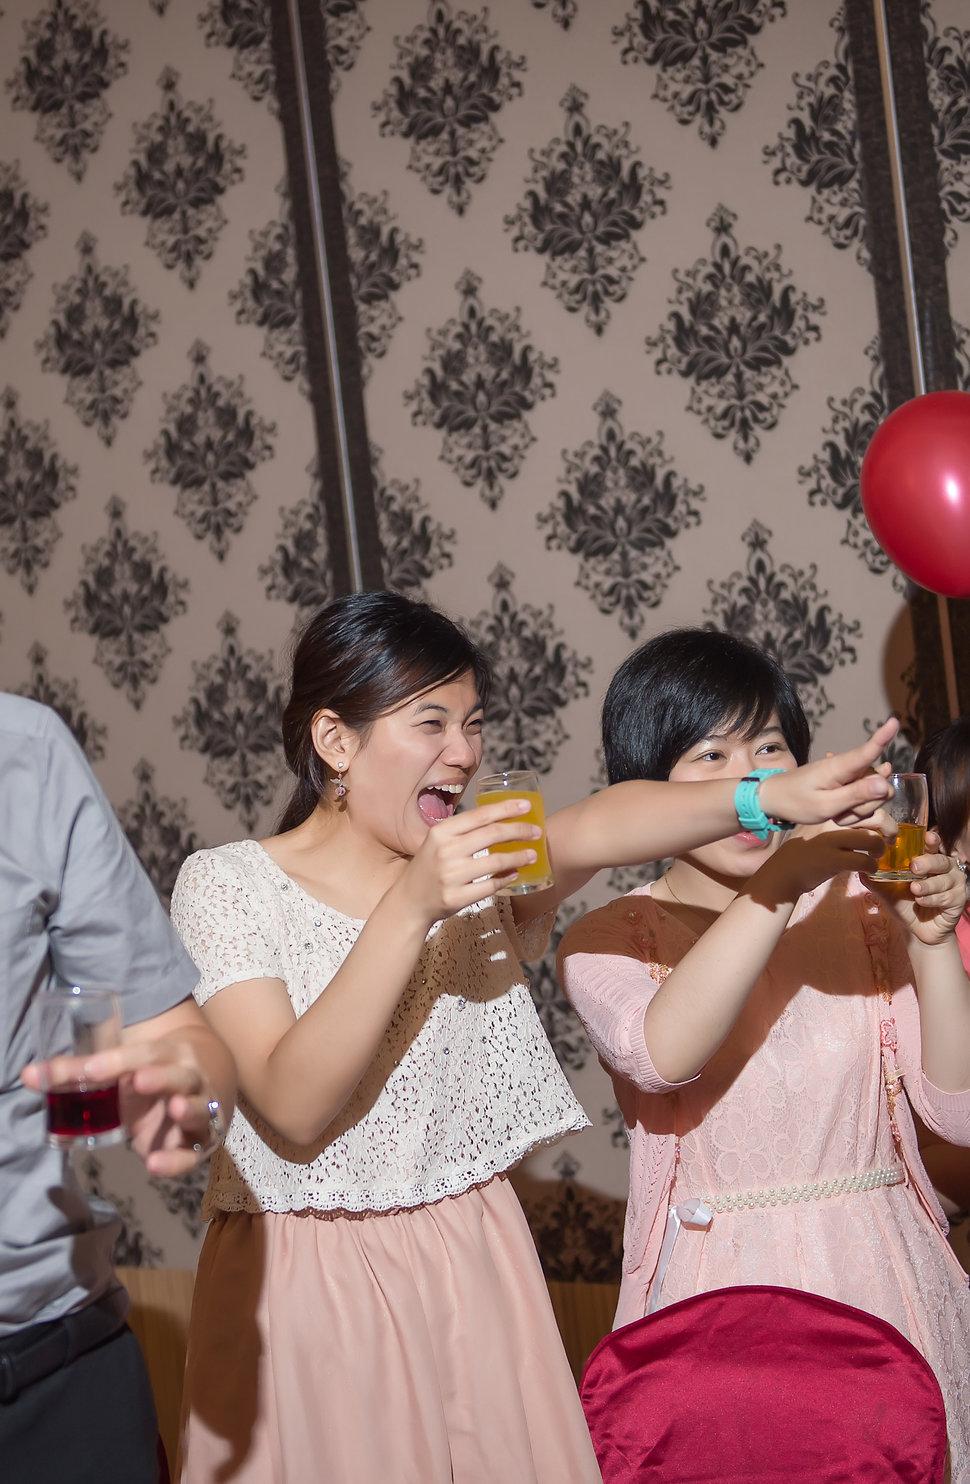 [桃園婚攝] 文訂迎娶&內壢海豐餐廳(編號:433190) - LoveStoryAllen IMAGE - 結婚吧一站式婚禮服務平台